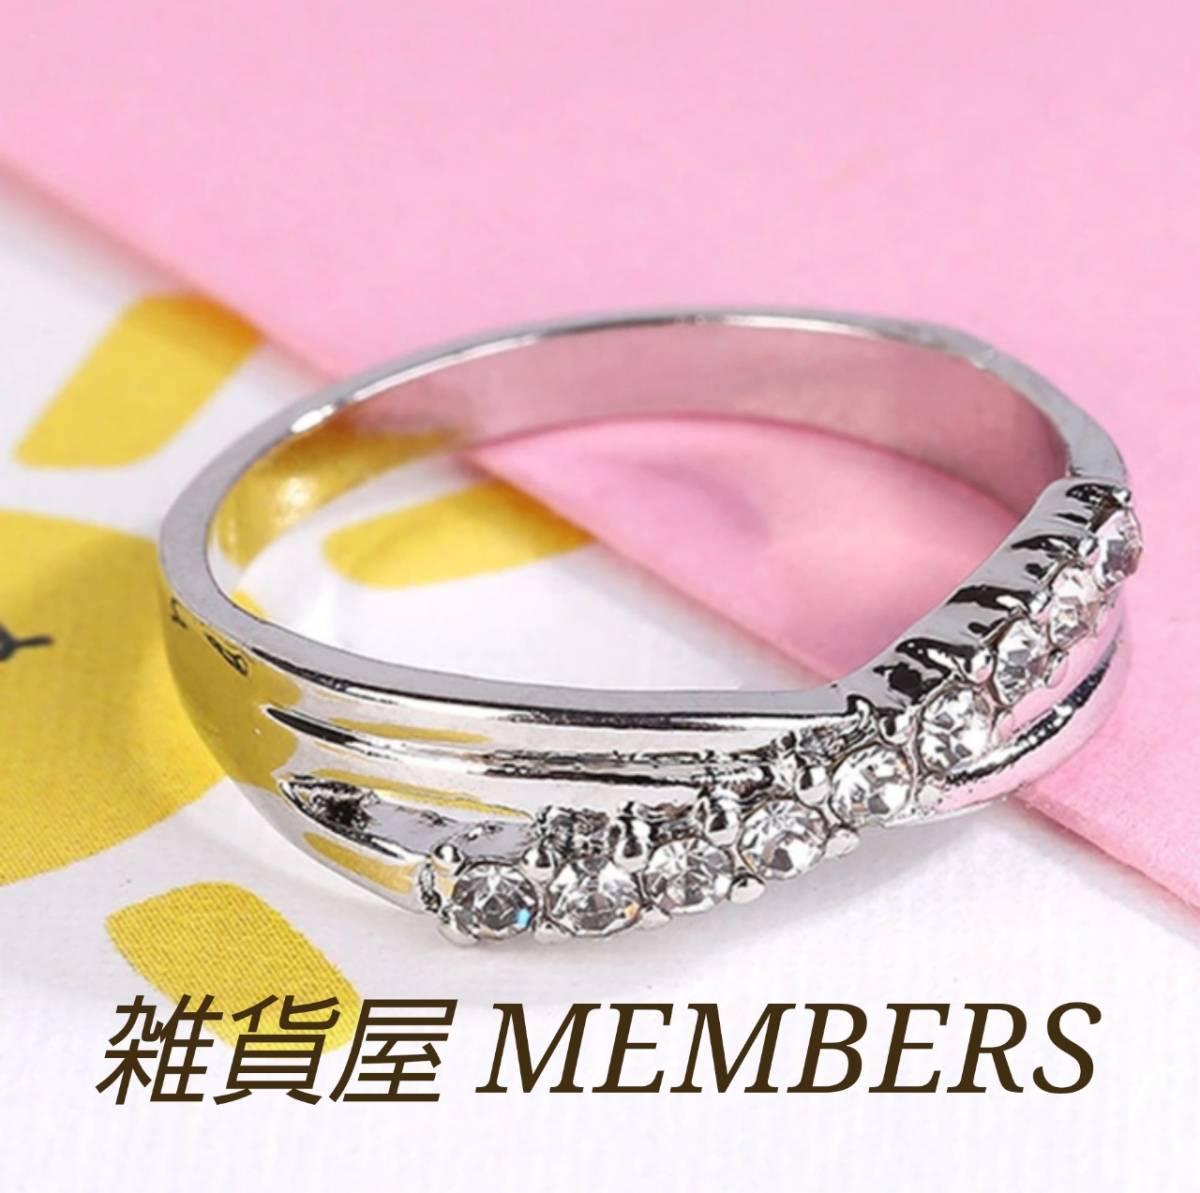 送料無料9号クロムシルバークリアスーパーCZダイヤモンドデザイナーズジュエリーインフィニティリング指輪値下げ残りわずか_画像1